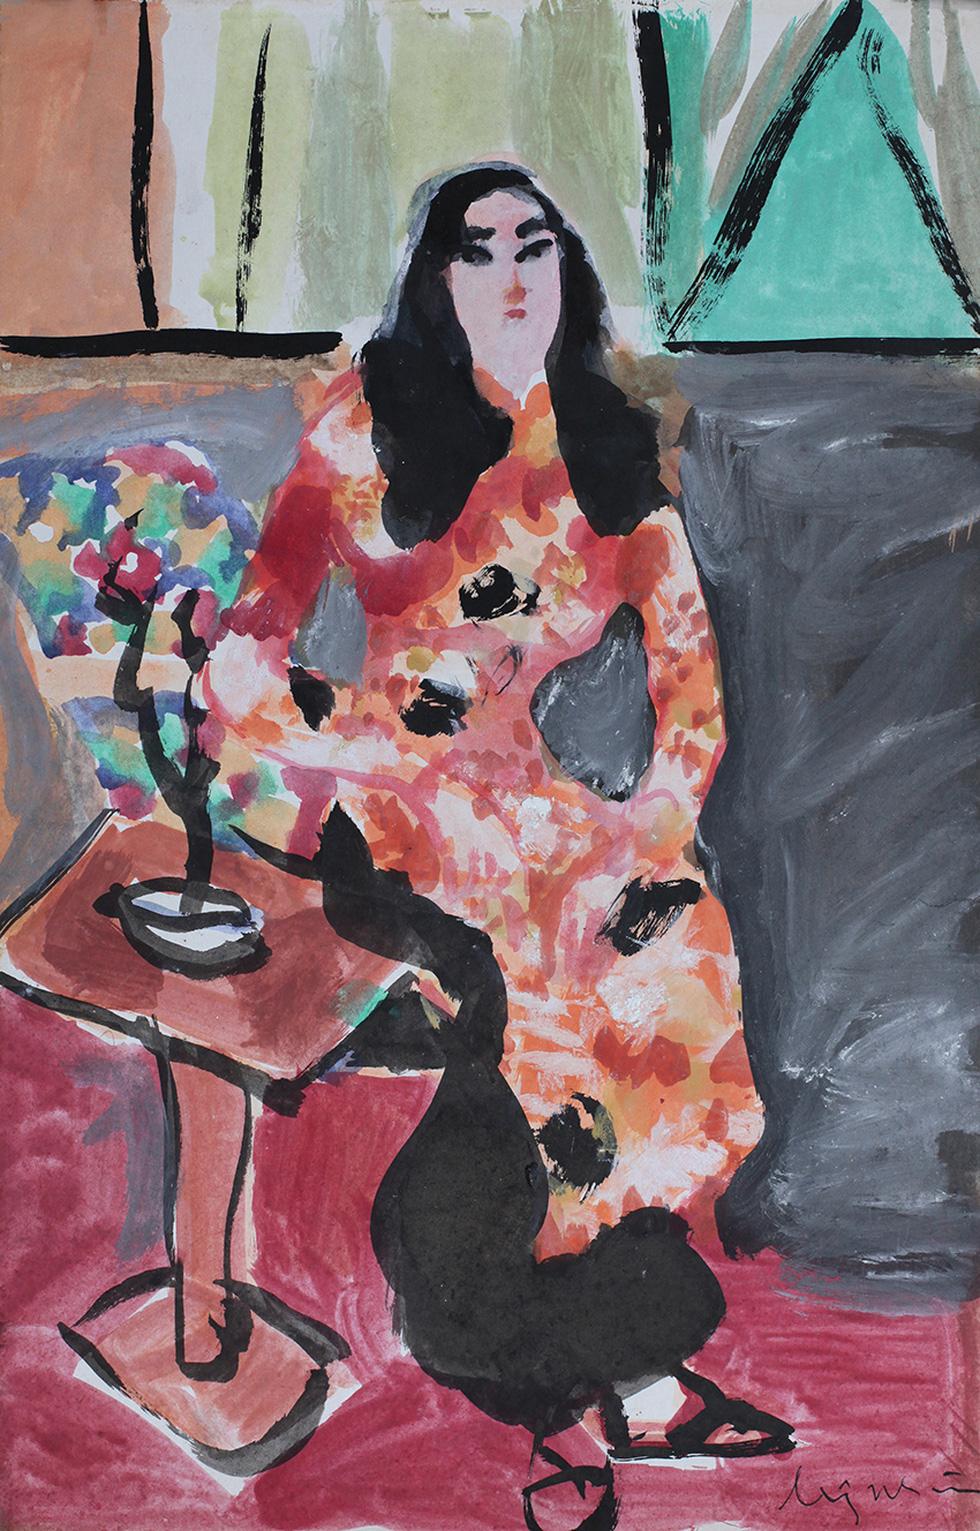 Xem tranh, ảnh đẹp như thơ trong triển lãm Chuyện áo dài - Ảnh 9.